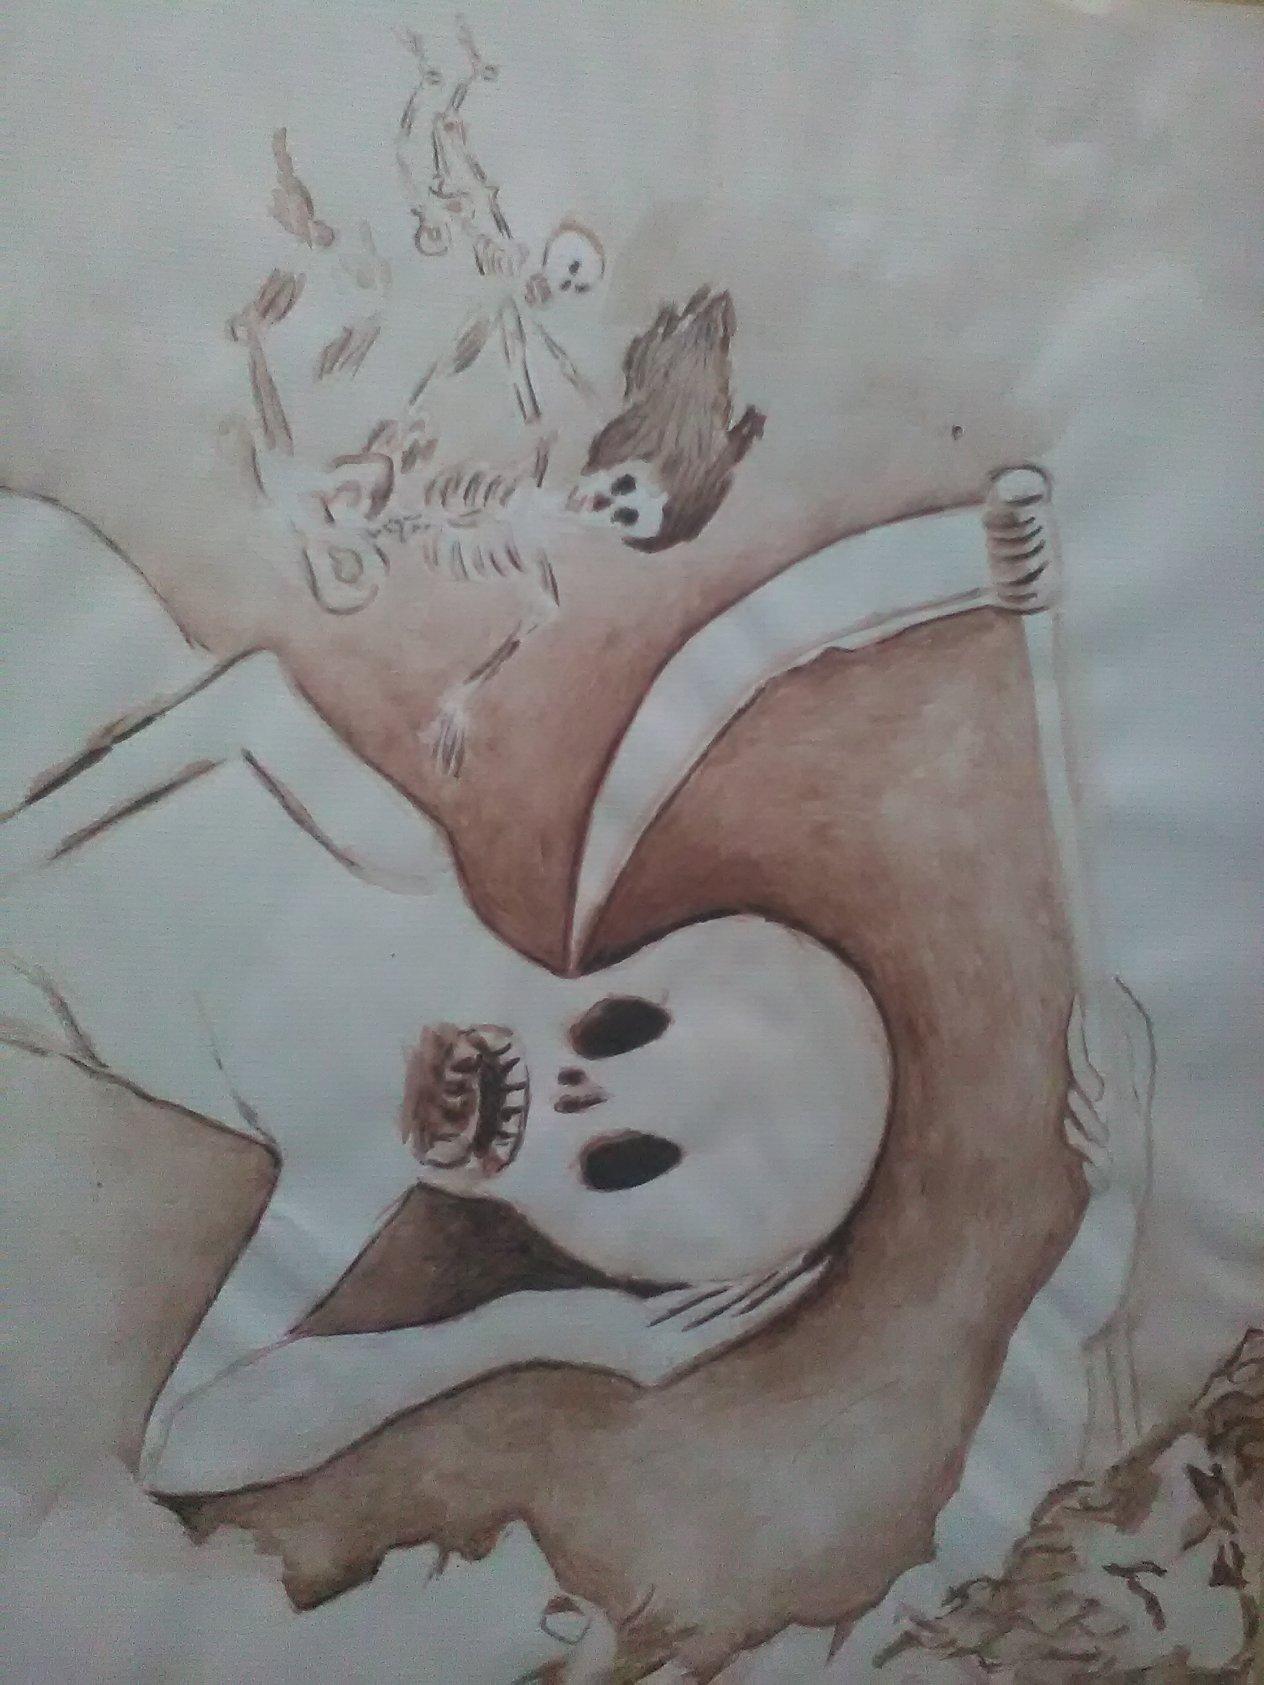 Fantasma atormentado (2019) - Magnolia Moré Abreu